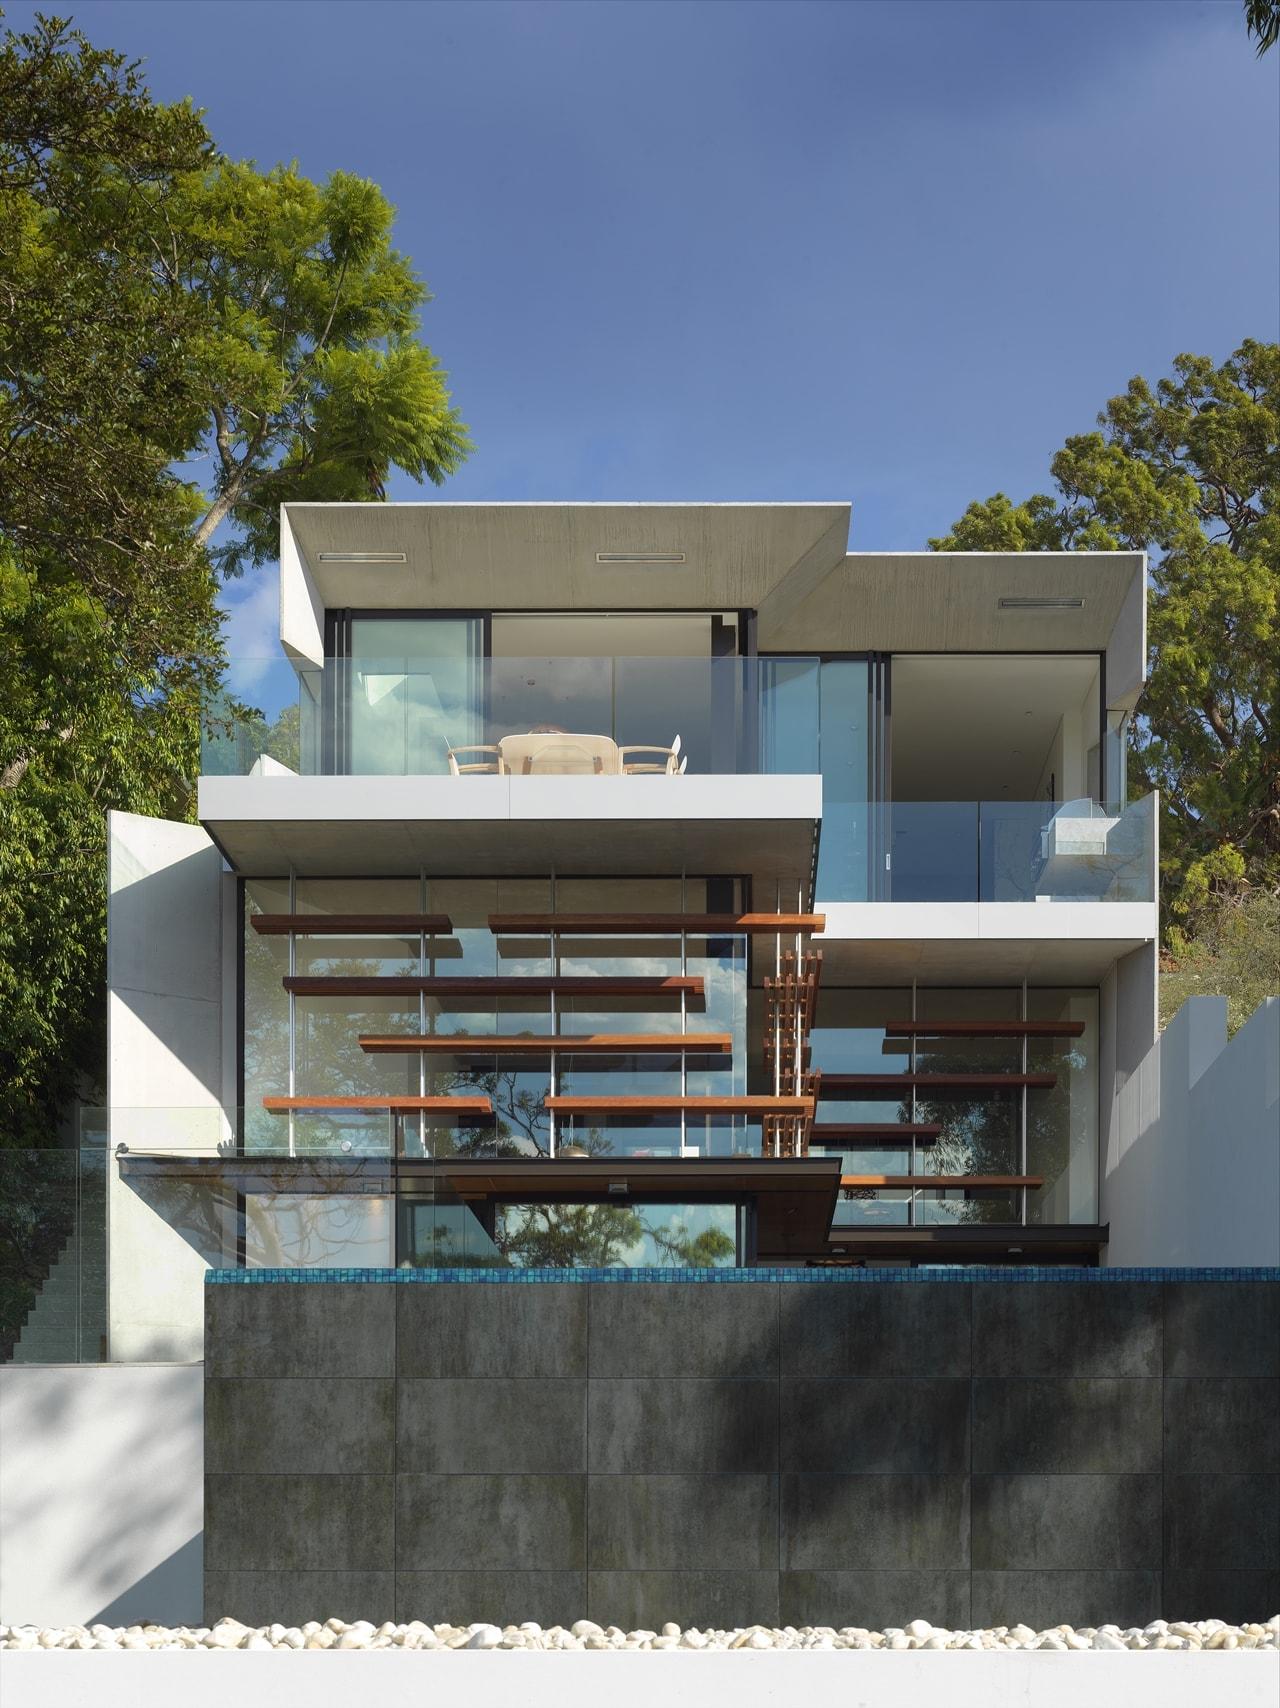 Luke butterly infinity edge pool in the hillside house designed by rolf ockert